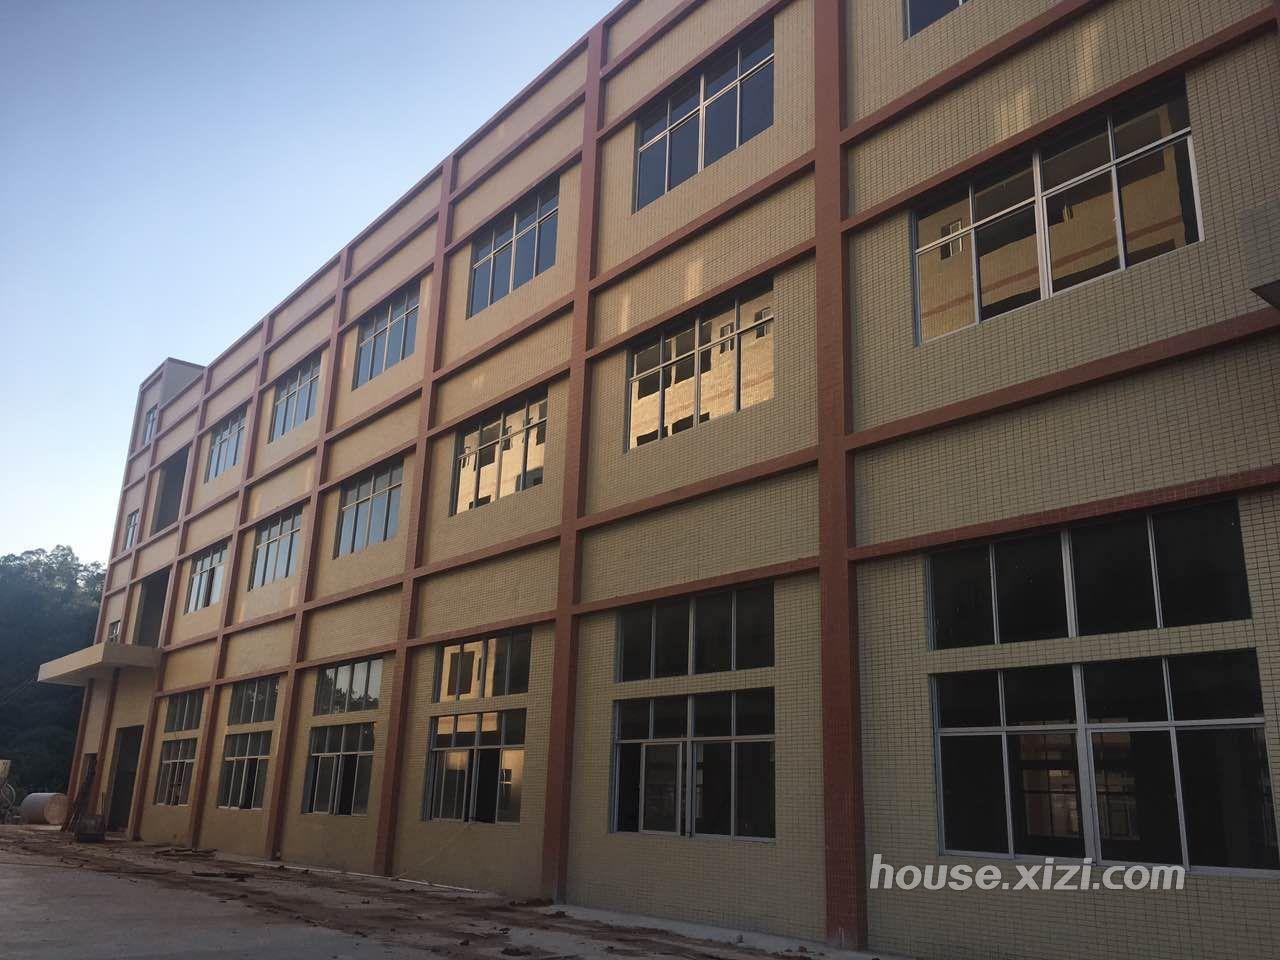 惠台 工业园 3200平方厂房招租 标准楼房 价格面议